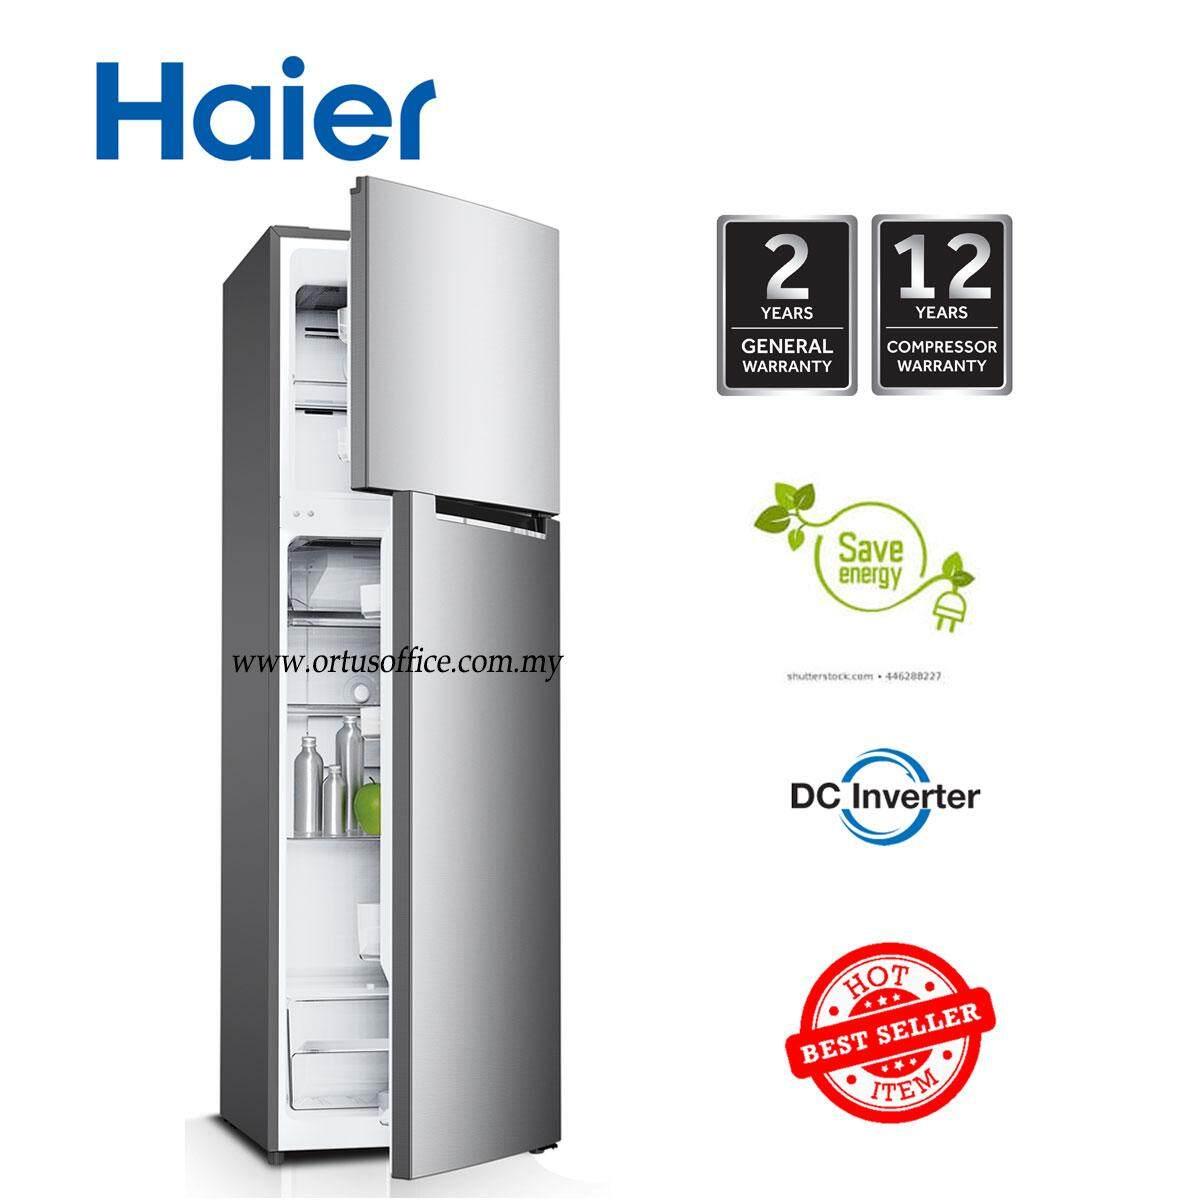 *DC Inverter* Haier 2 Door Refrigerator 290L - HRF-IV298H / Haier 2 Door Fridge 290L